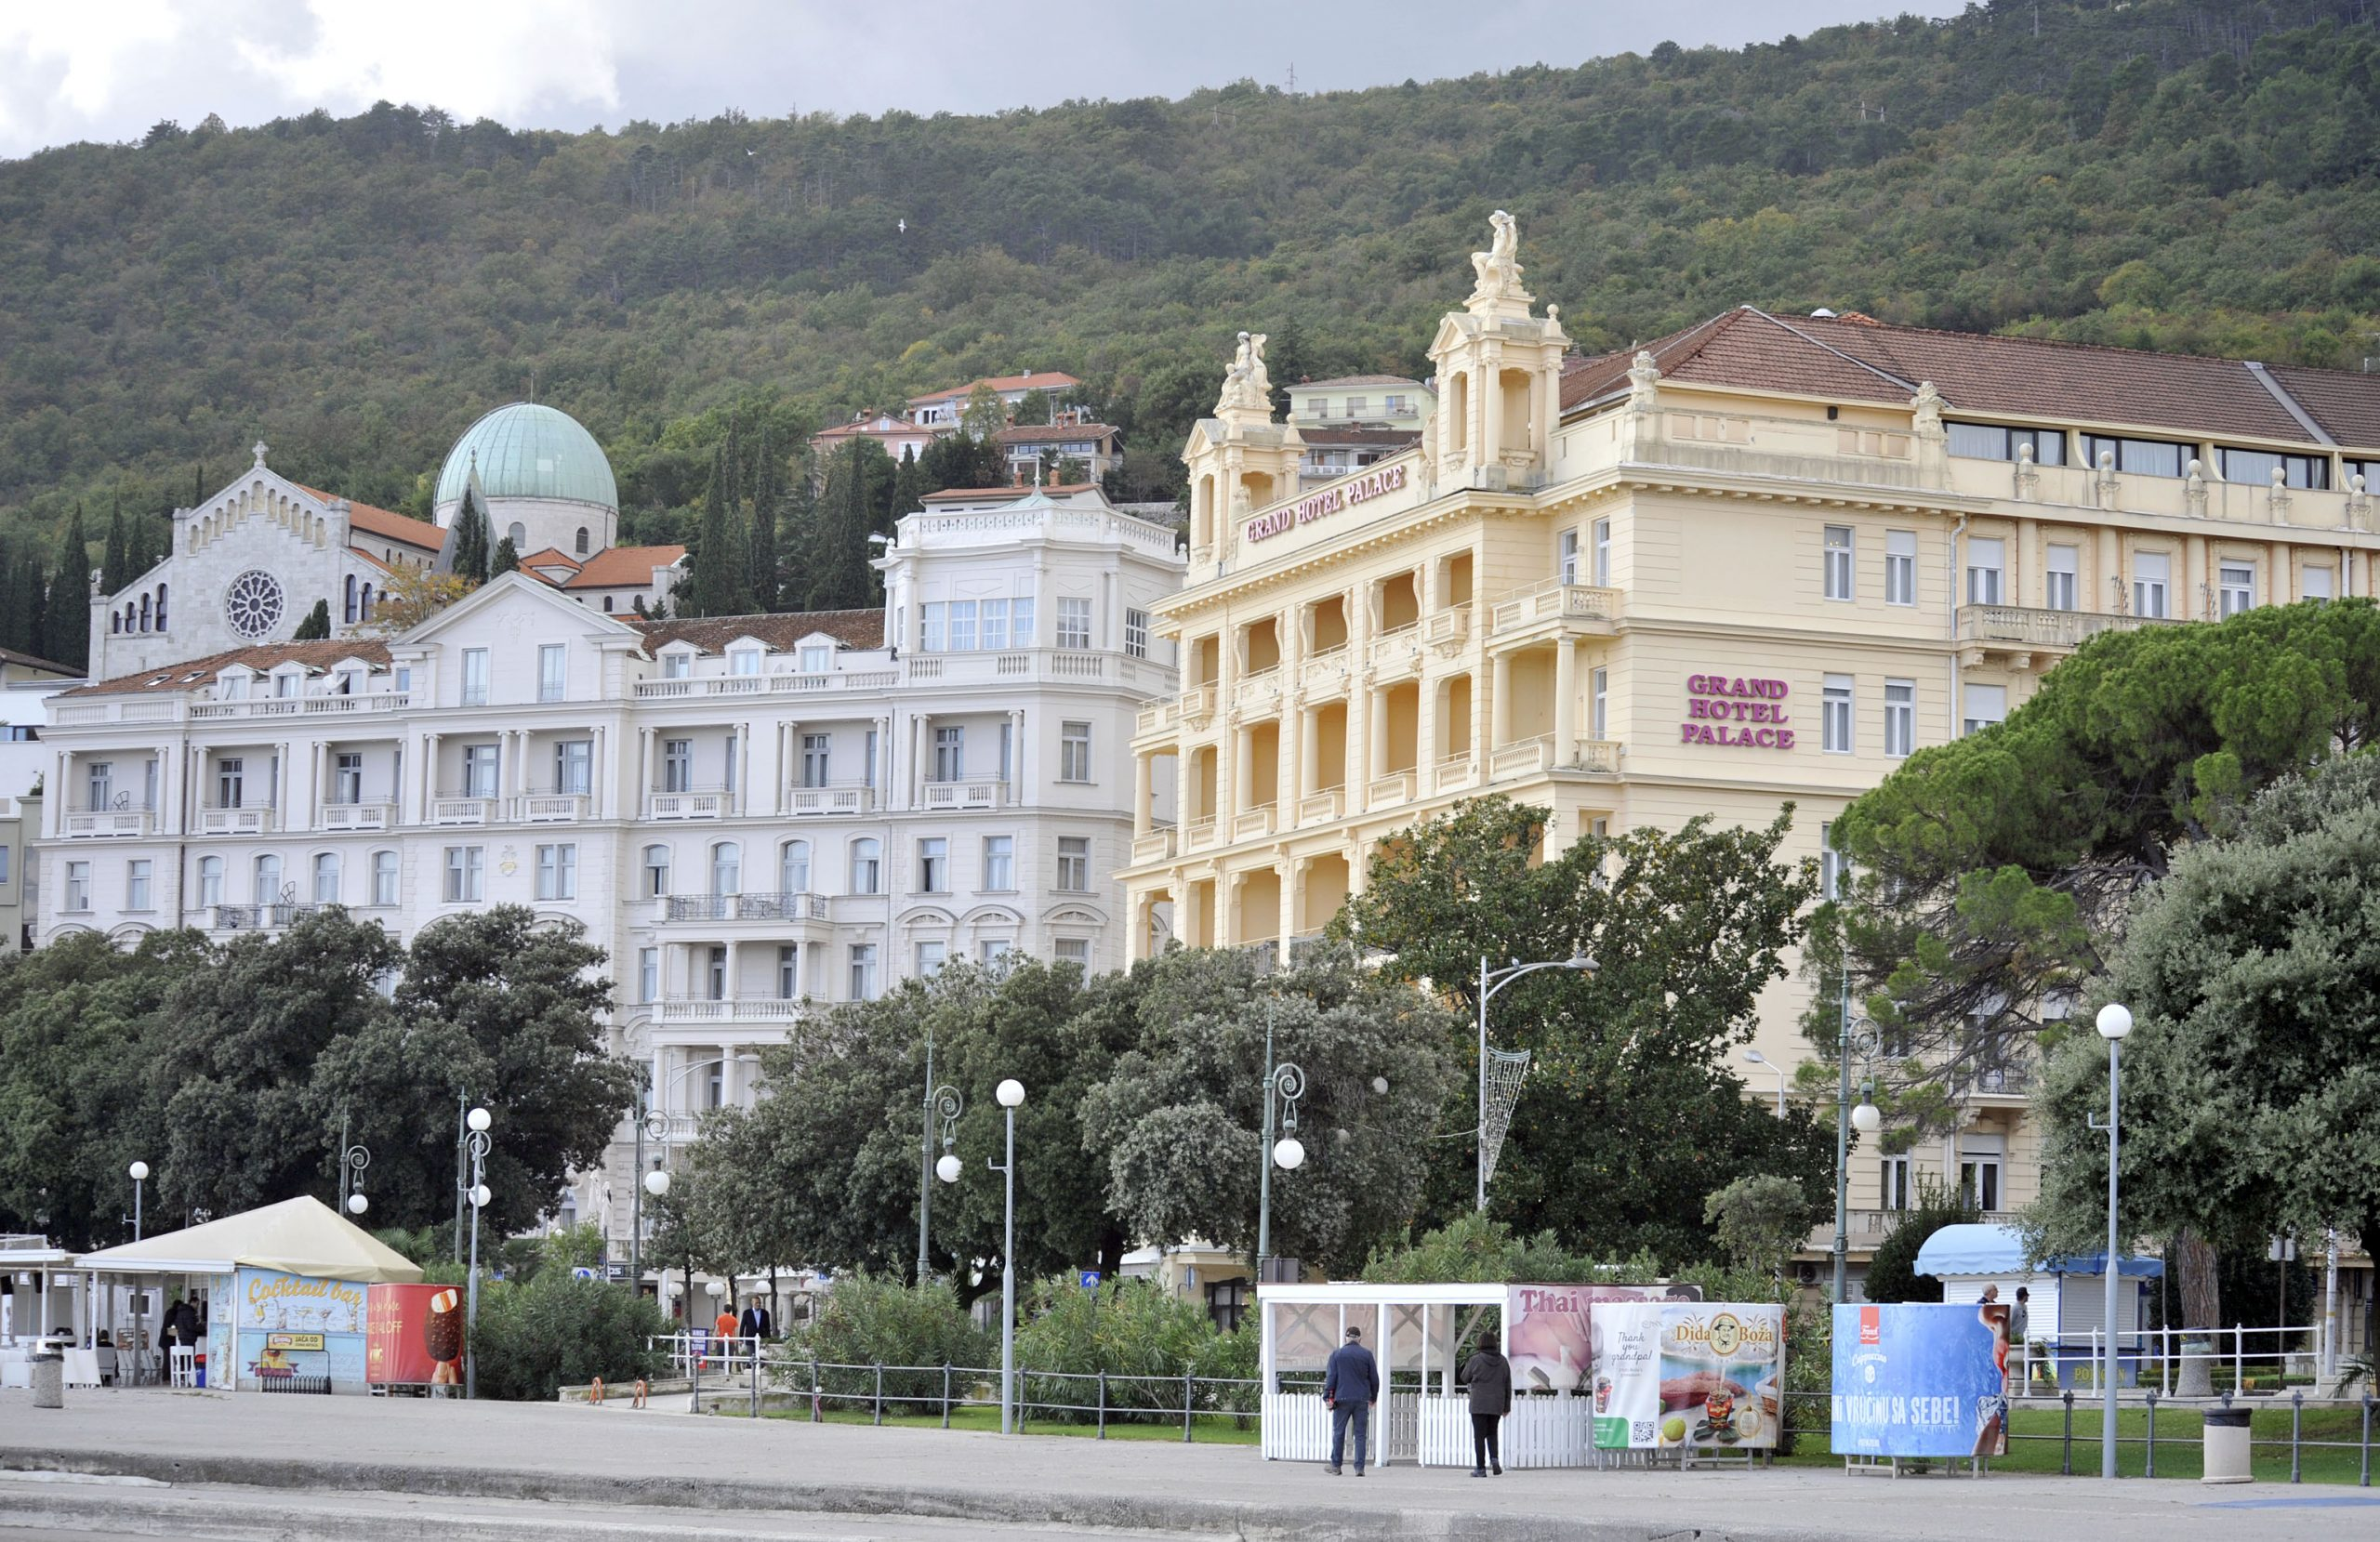 LRH i Opatija su nepovratno povezani / Foto: V. KARUZA